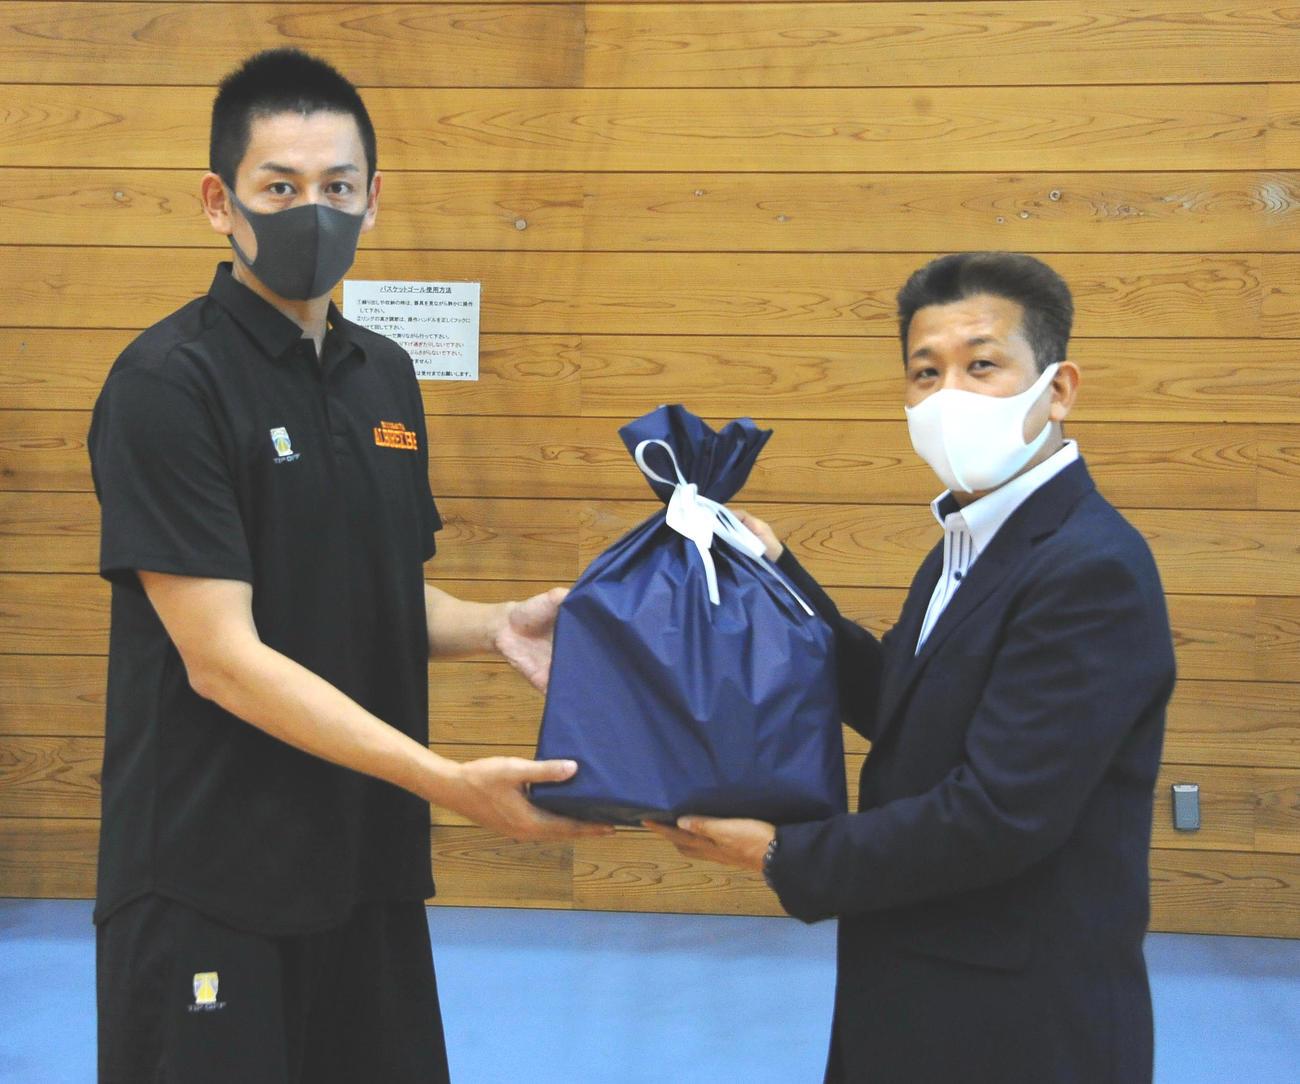 リカバリーウエア贈呈式に出席したB1新潟・池田(左)とベネクス星副社長